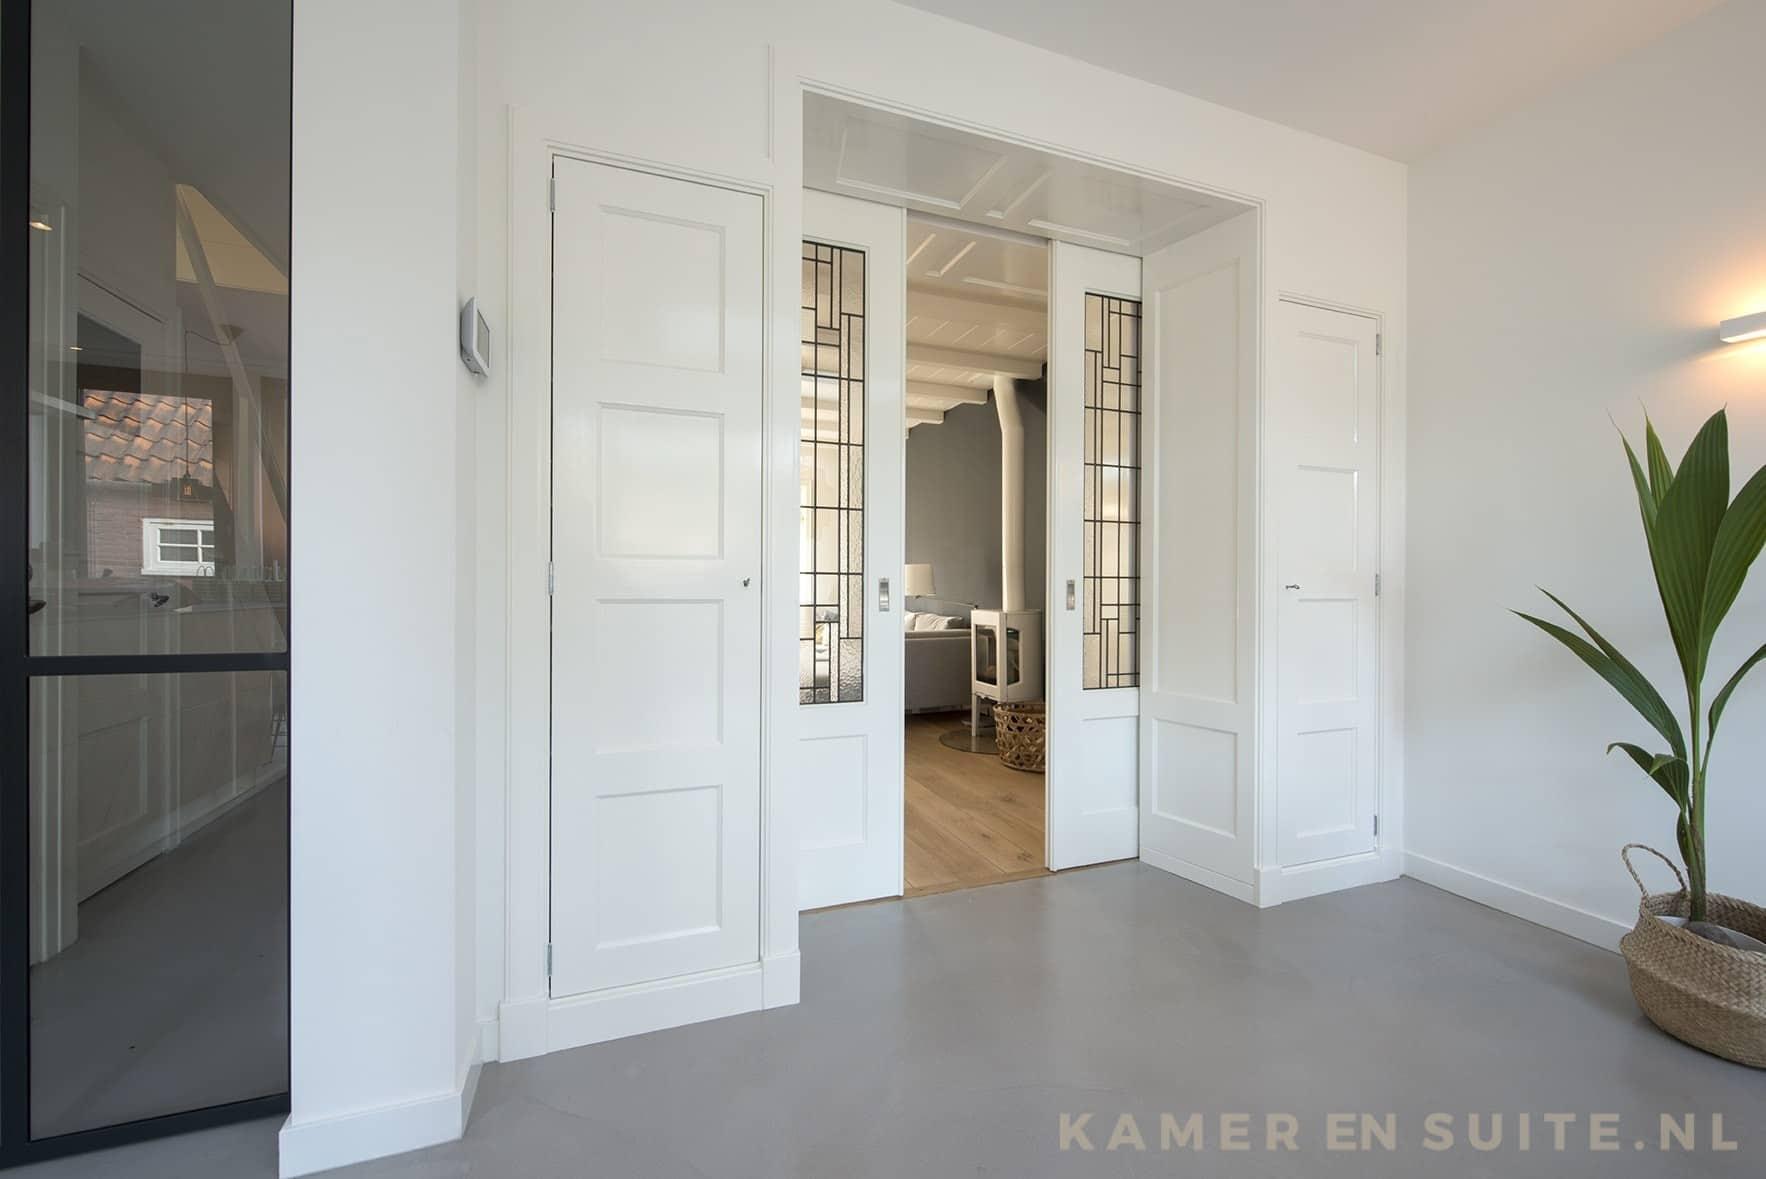 Wonderbaarlijk Kamer en suite jaren 30 inspiratie OB-97